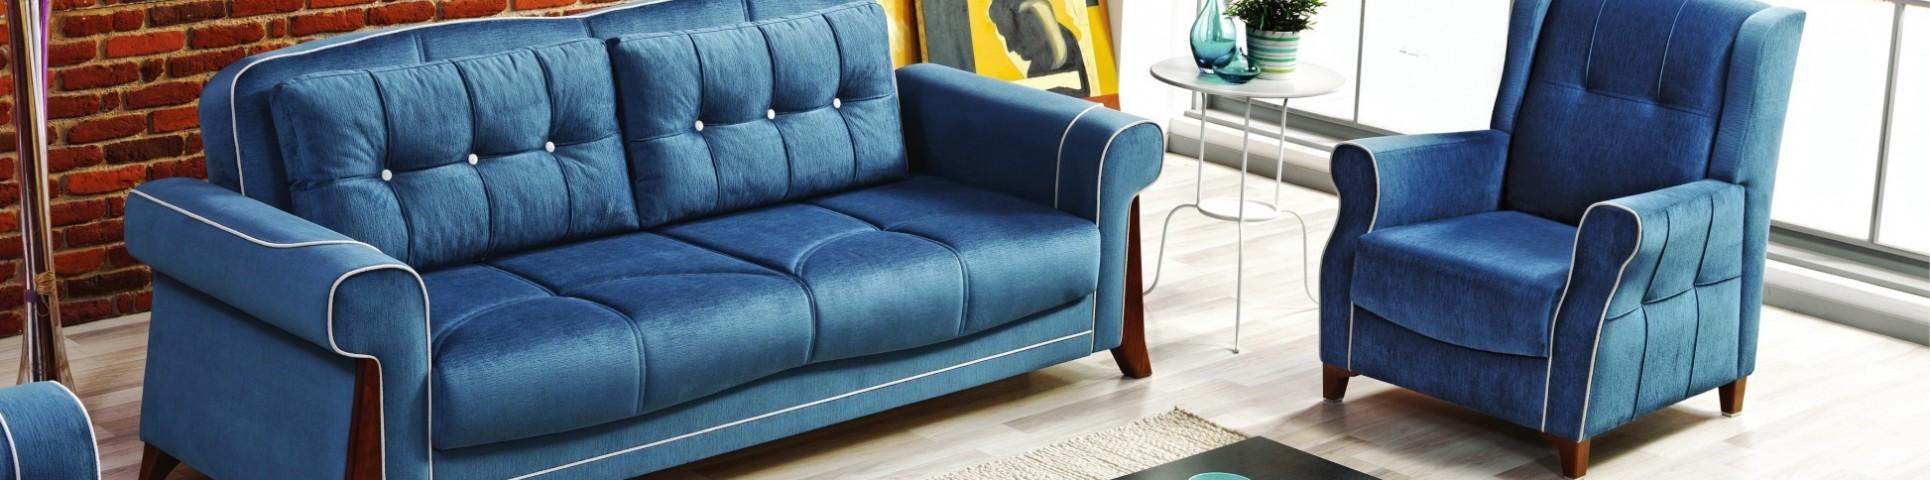 offenbach safak kchen offenbach safak kchen with offenbach safak kchen foto van enzay outlet. Black Bedroom Furniture Sets. Home Design Ideas